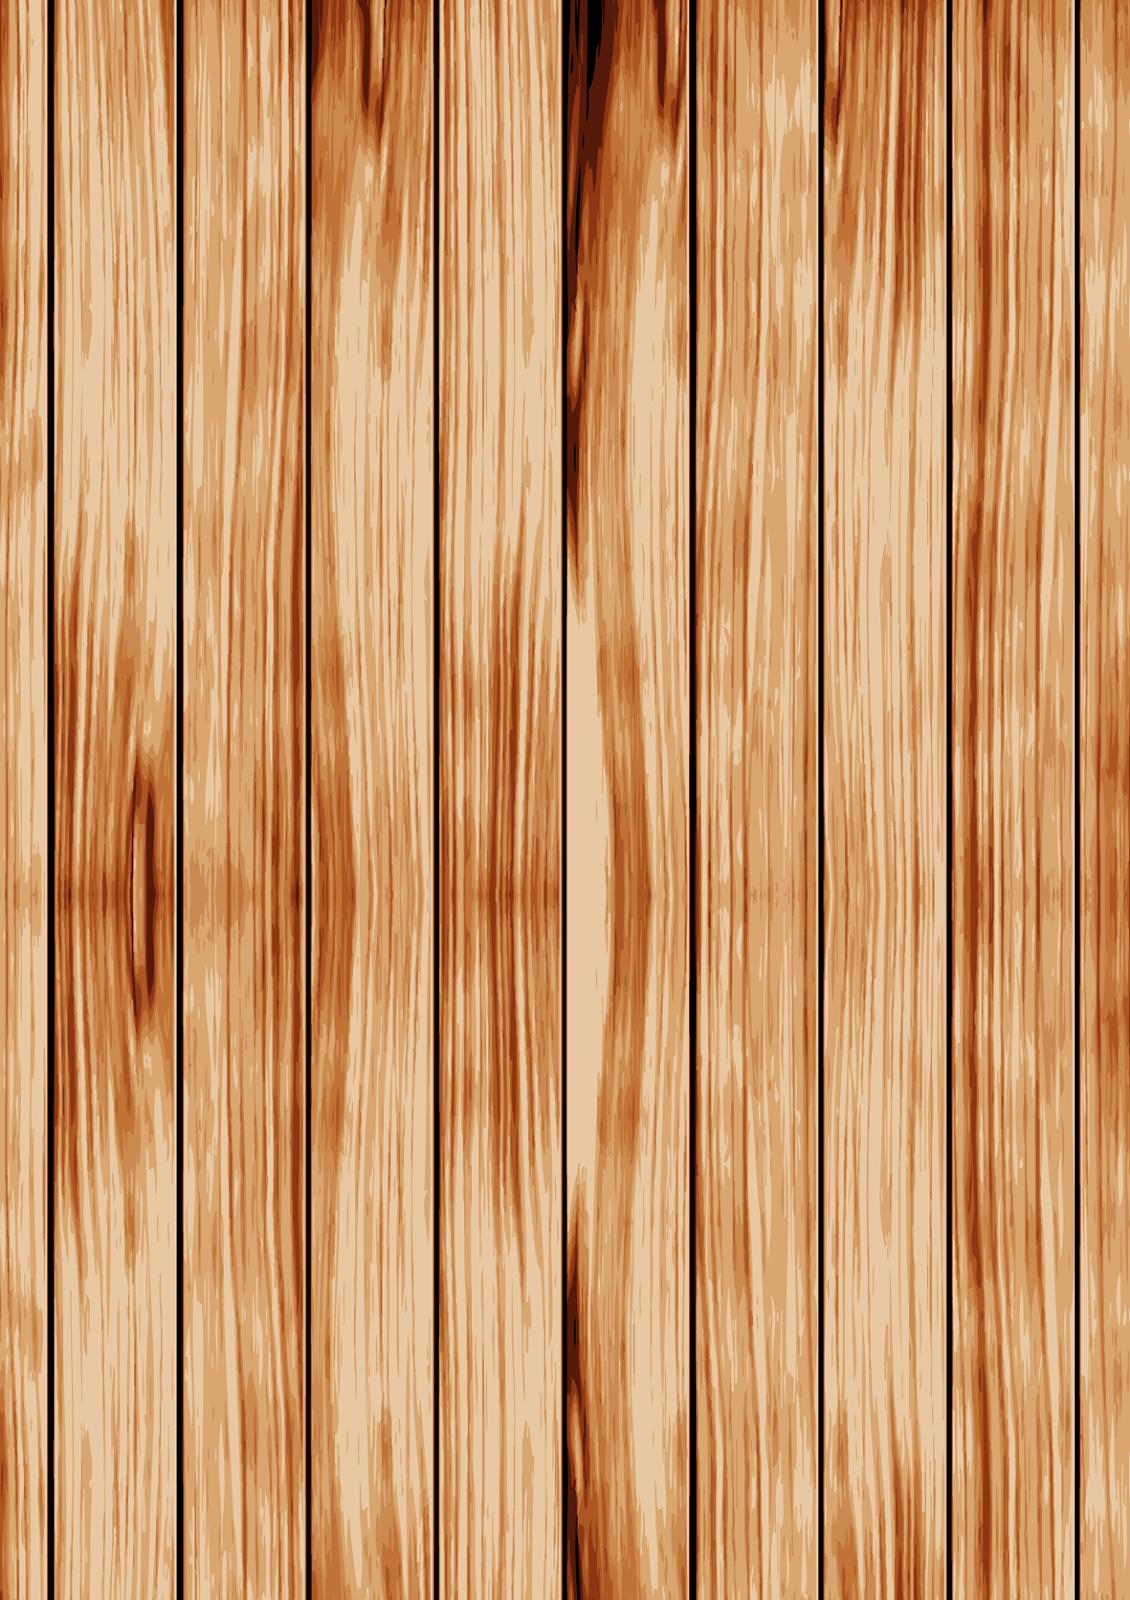 خلفيات خشب عالية الدقة للتصميم %25D8%25AE%25D8%25B4%25D8%25A8%2B22